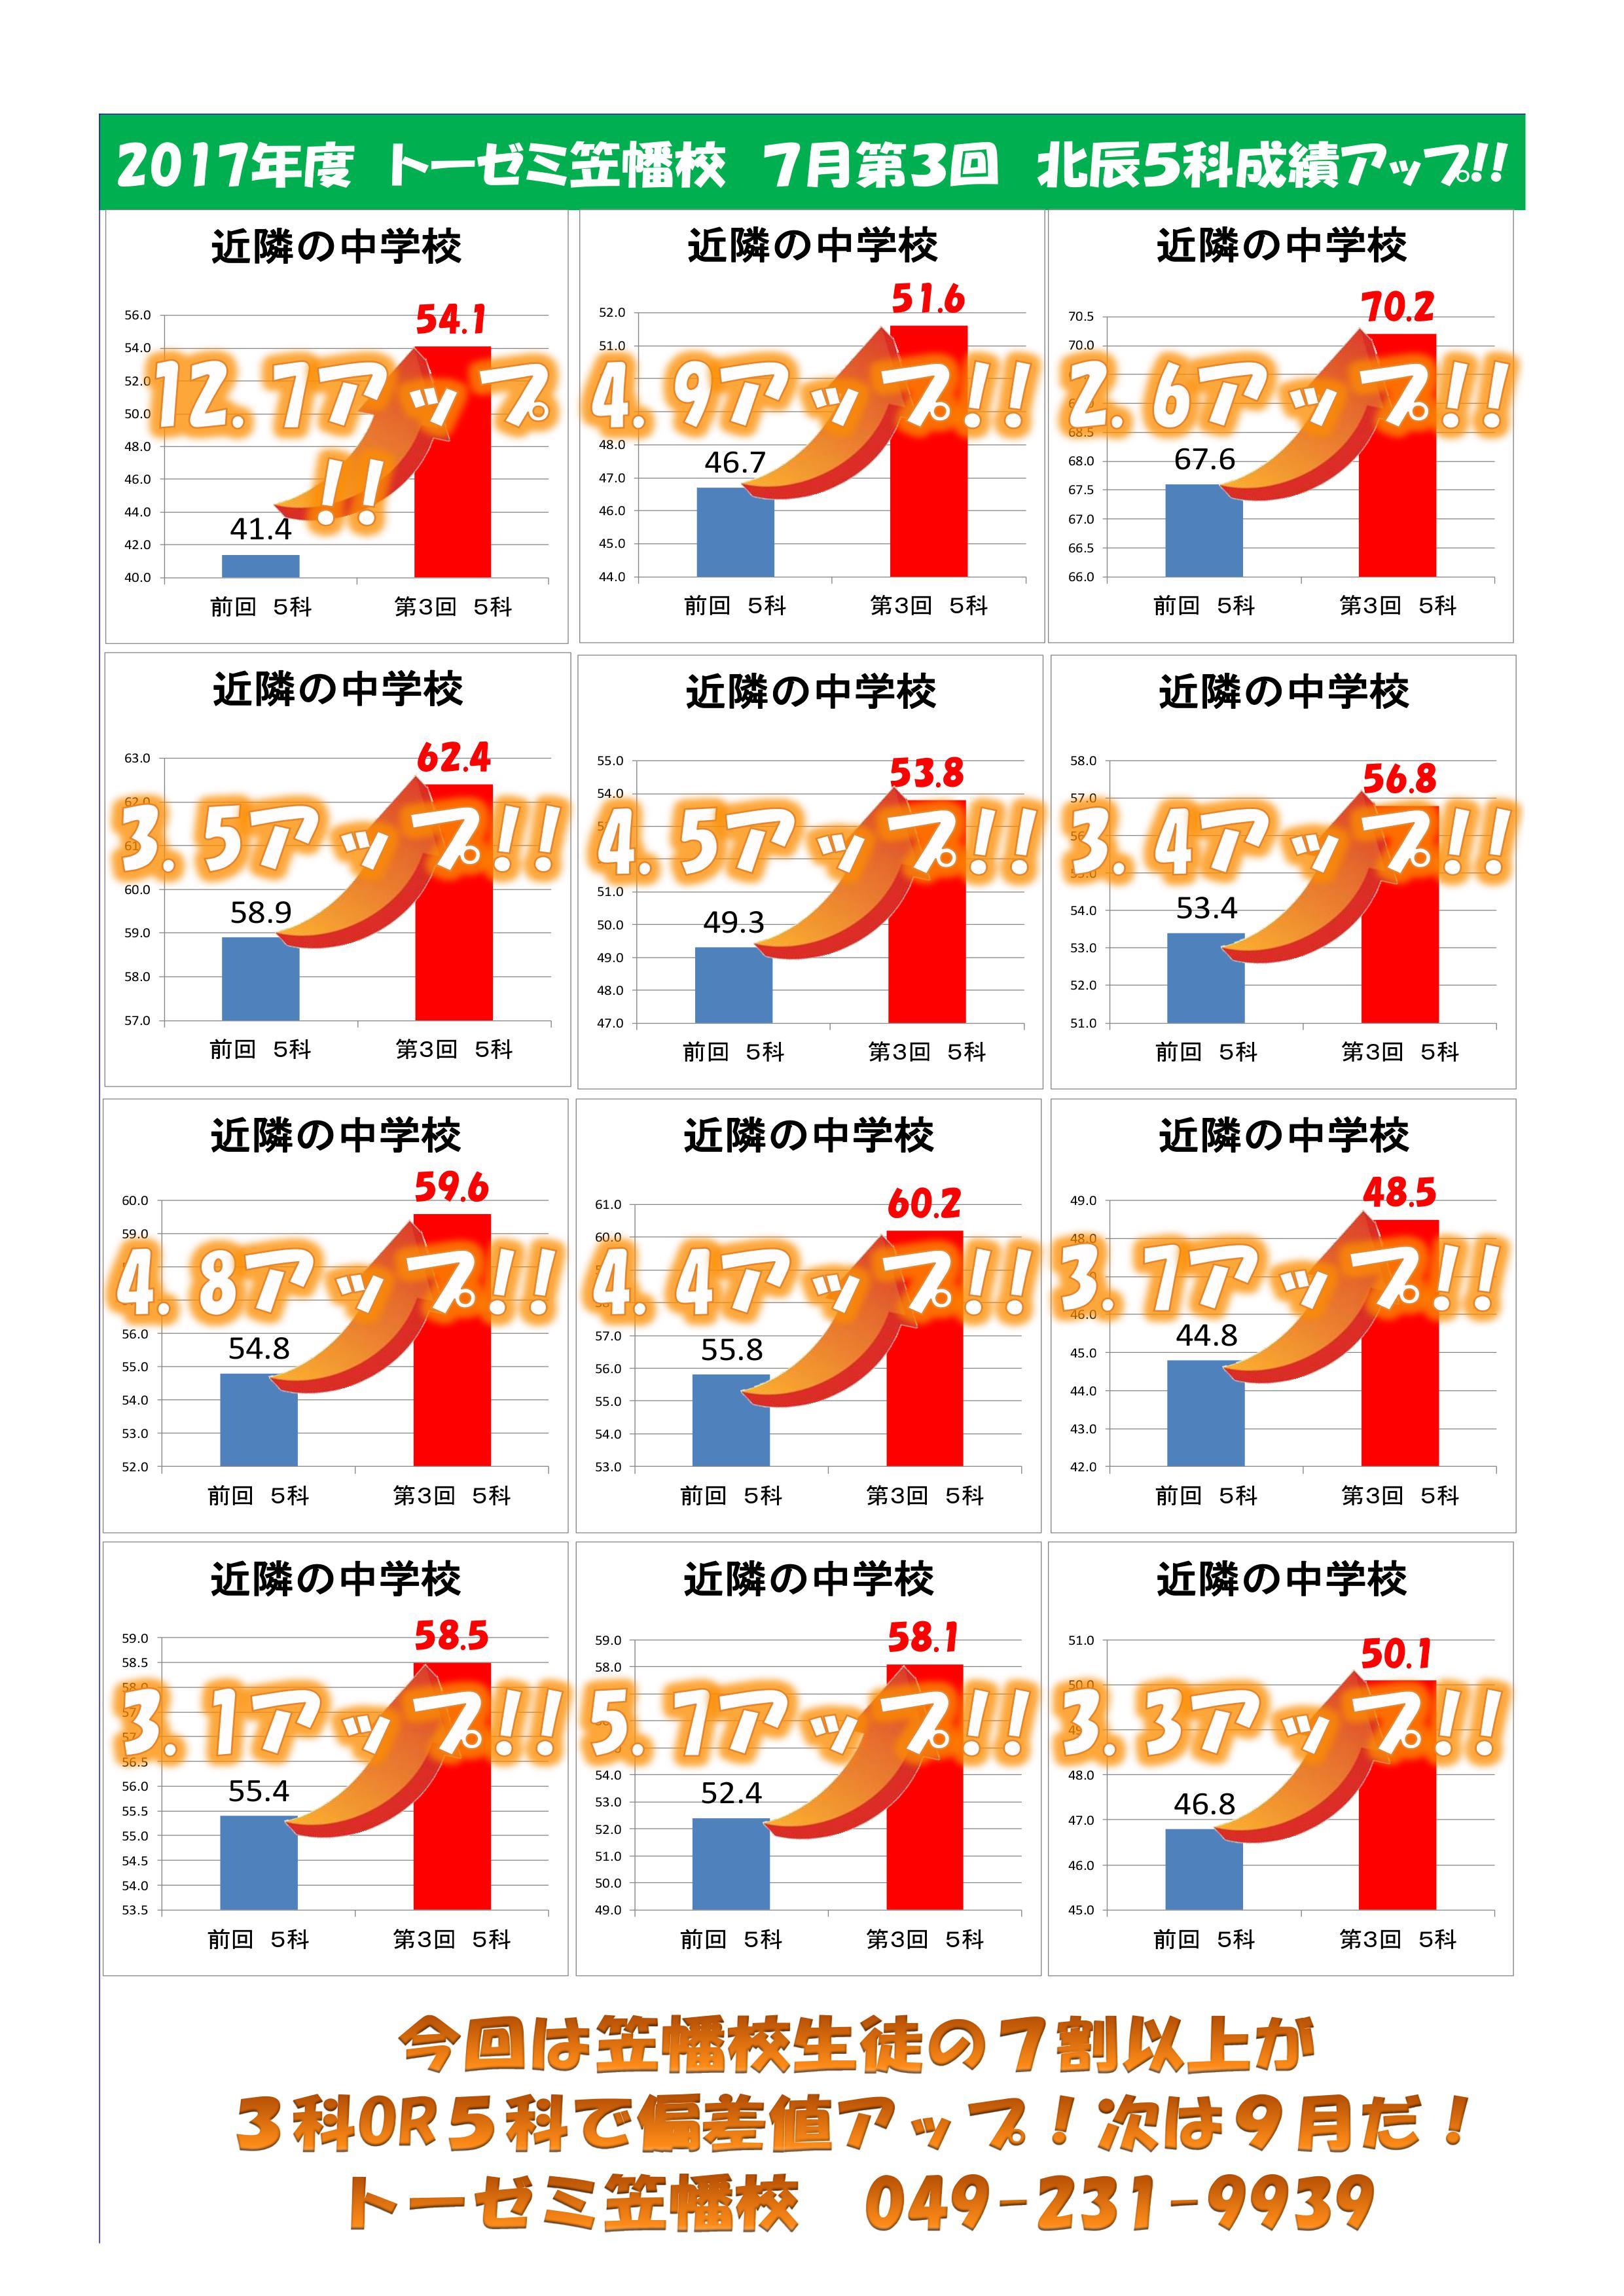 【川越市の学習塾トーゼミ笠幡校】2017年度 第3回北辰テスト 成績アップ情報!!